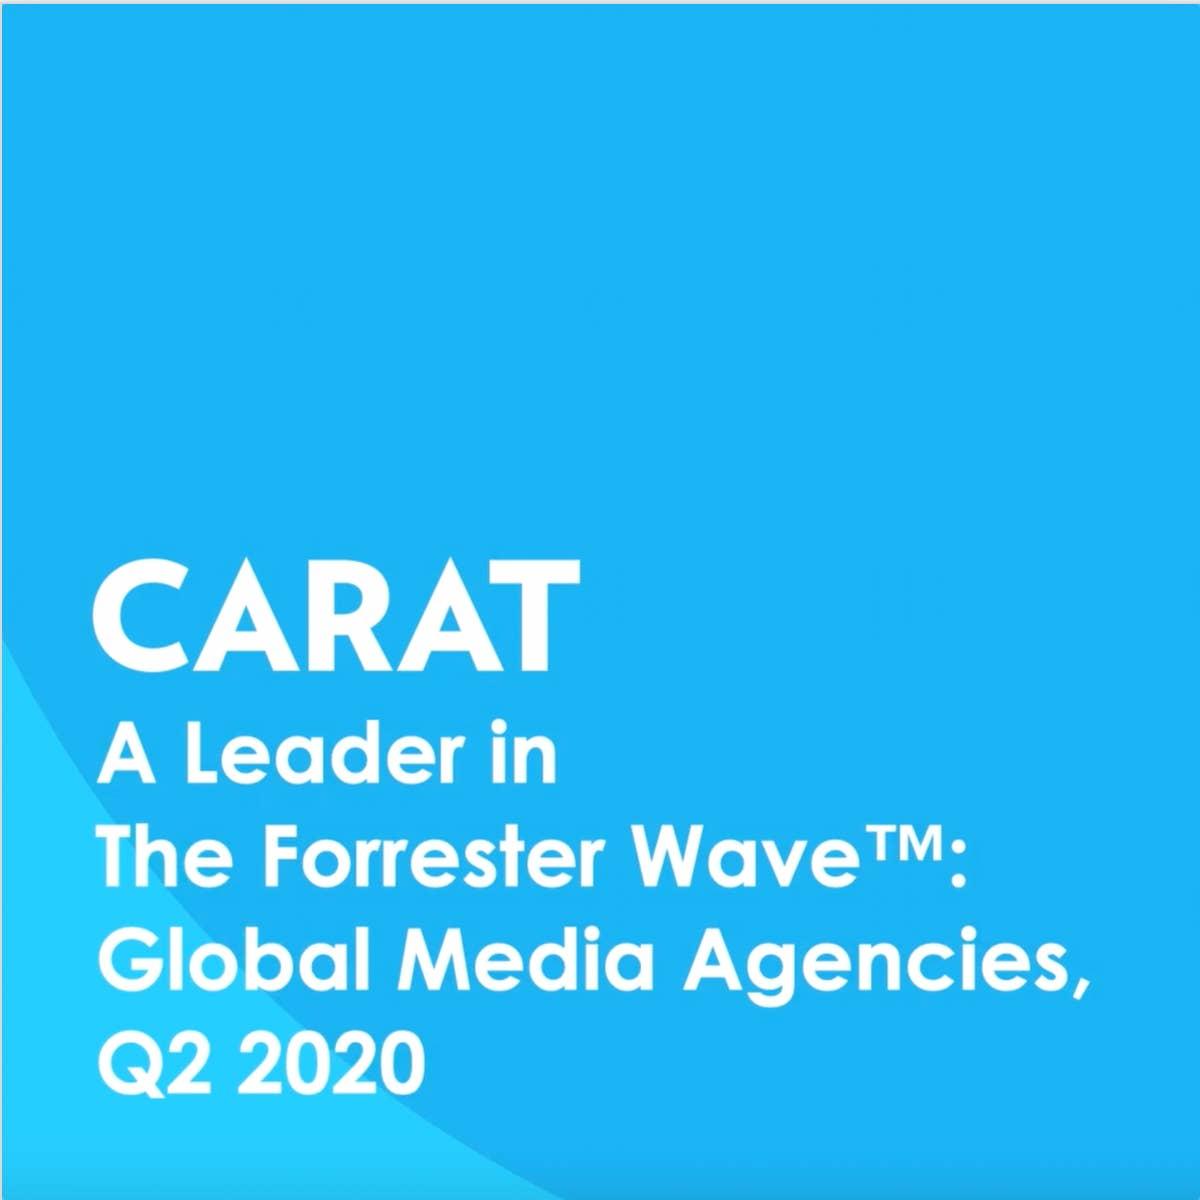 Carat uitgeroepen tot leider onder wereldwijde mediabureaus